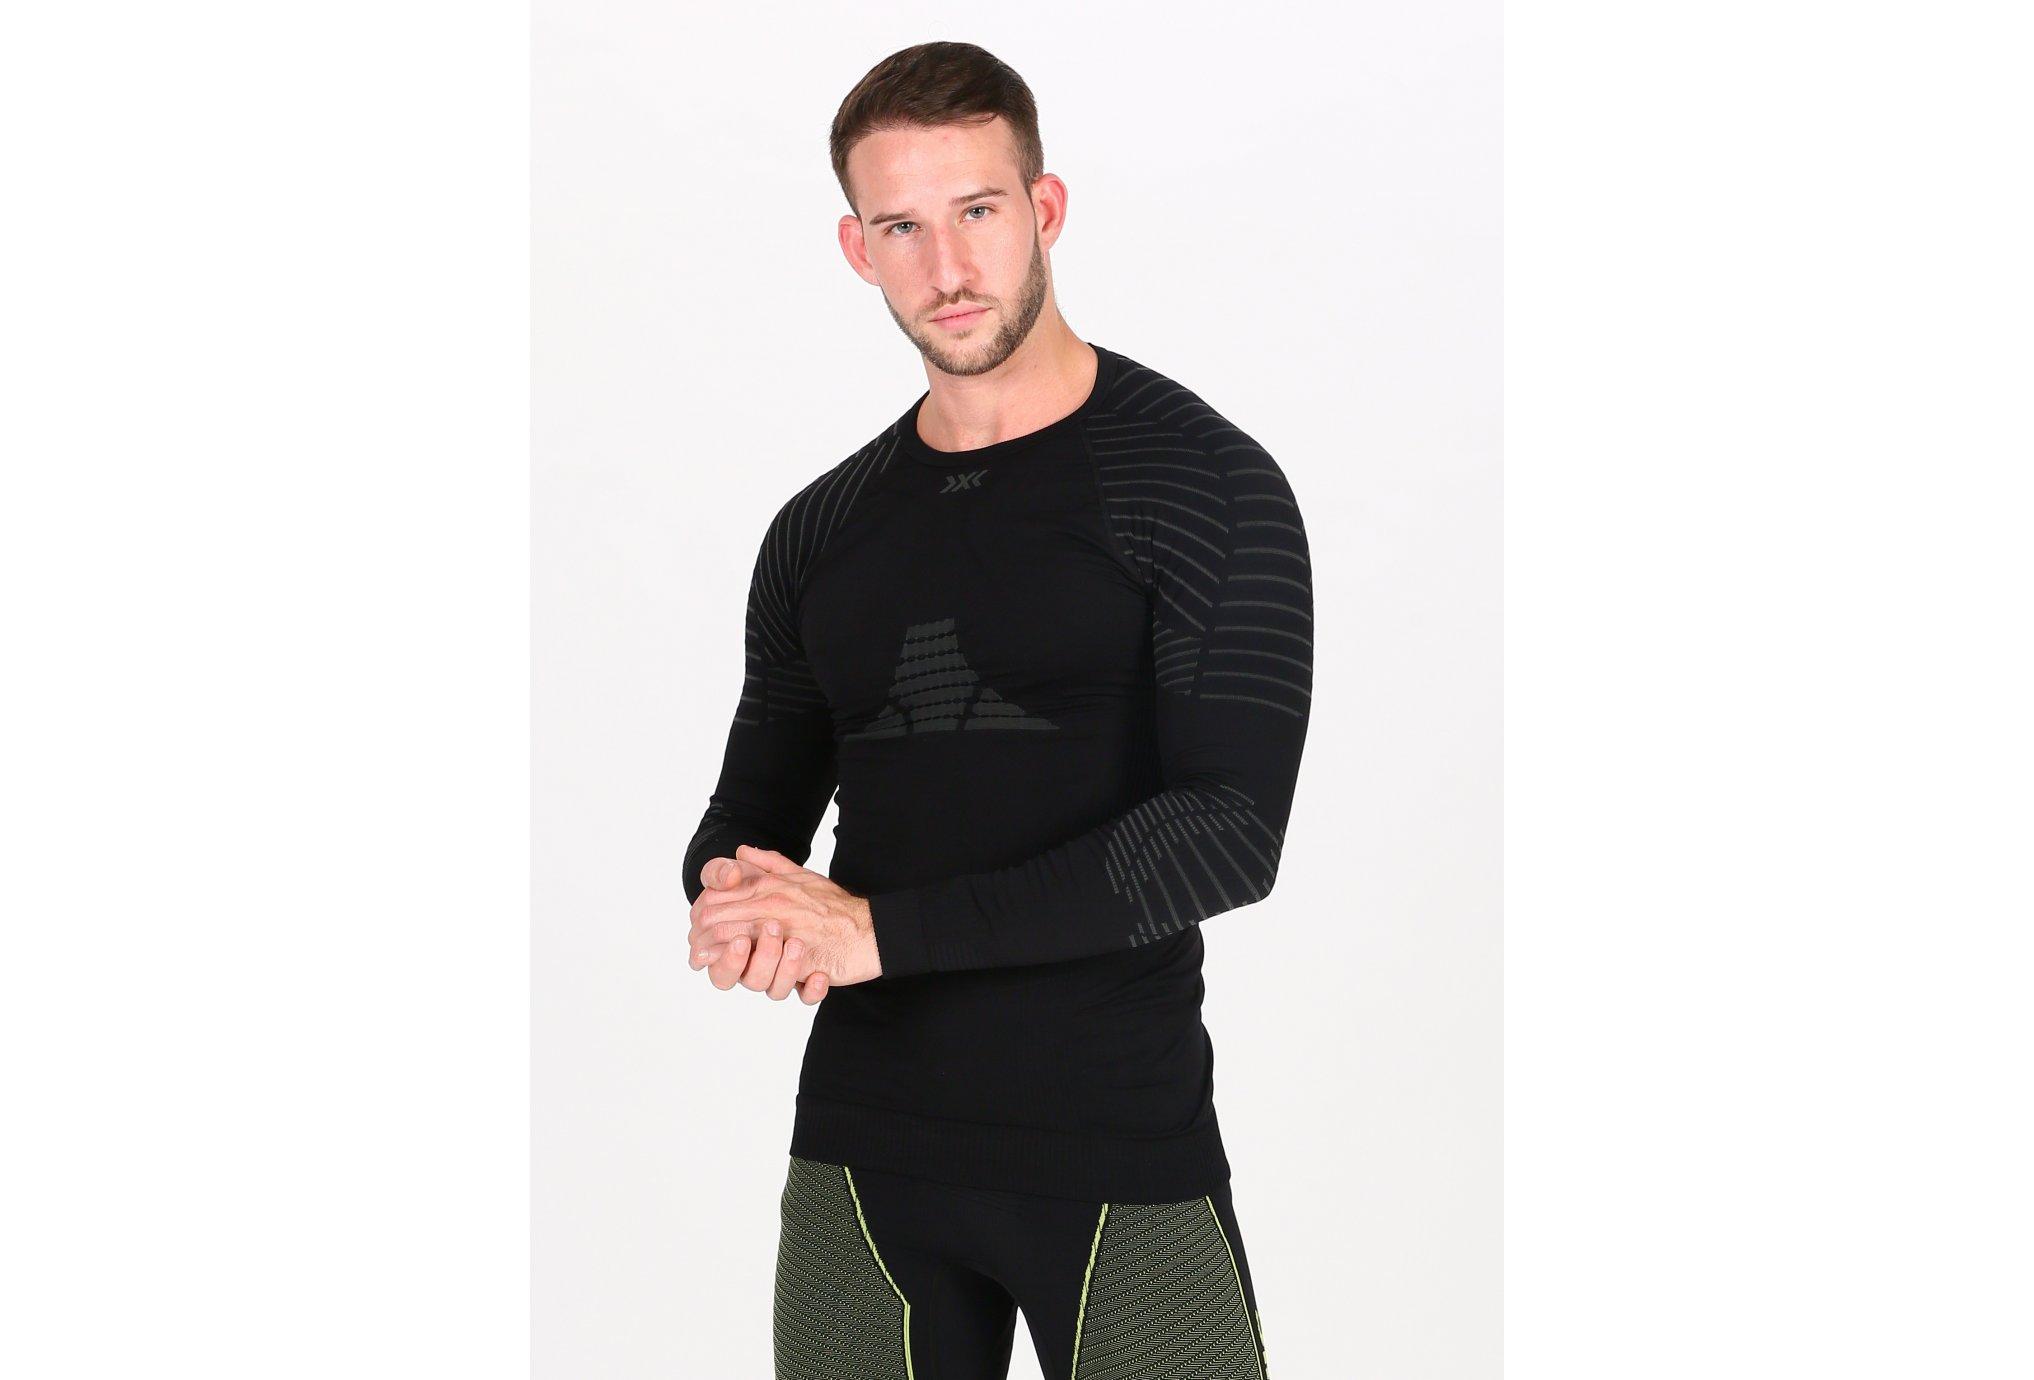 X-Bionic Invent 4.0 M Diététique Vêtements homme